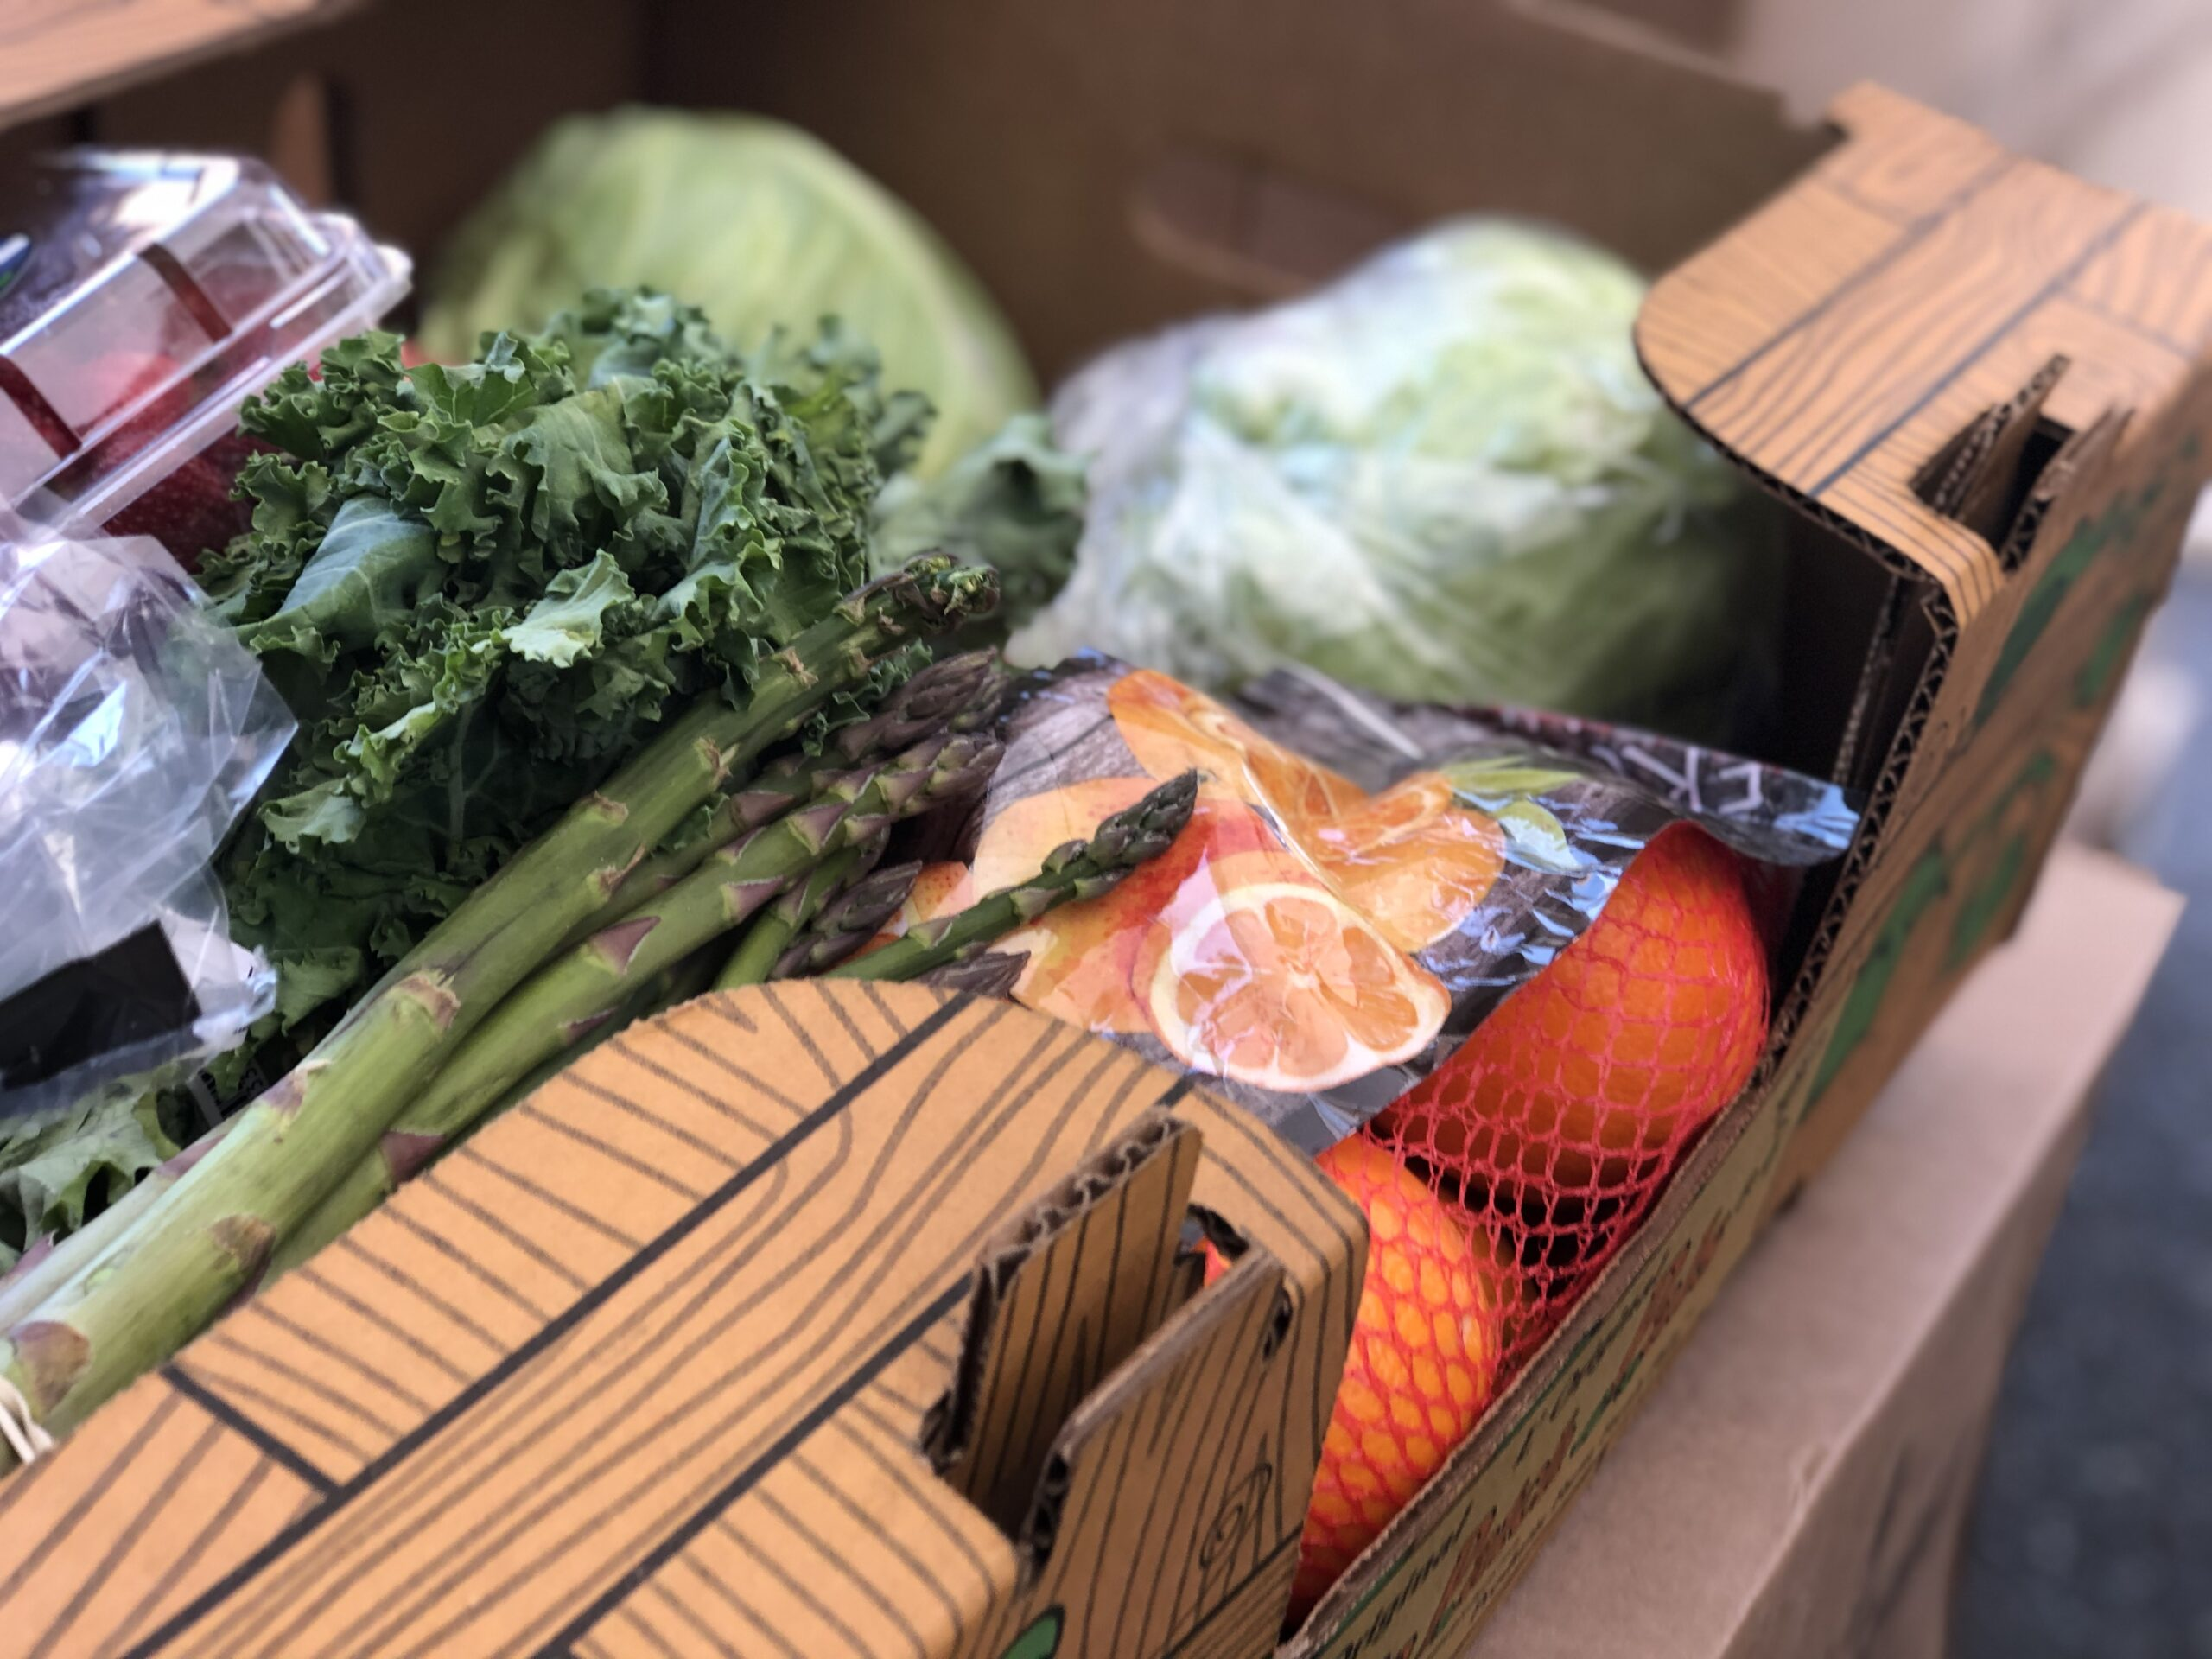 Free Food This Week Food Lifeline